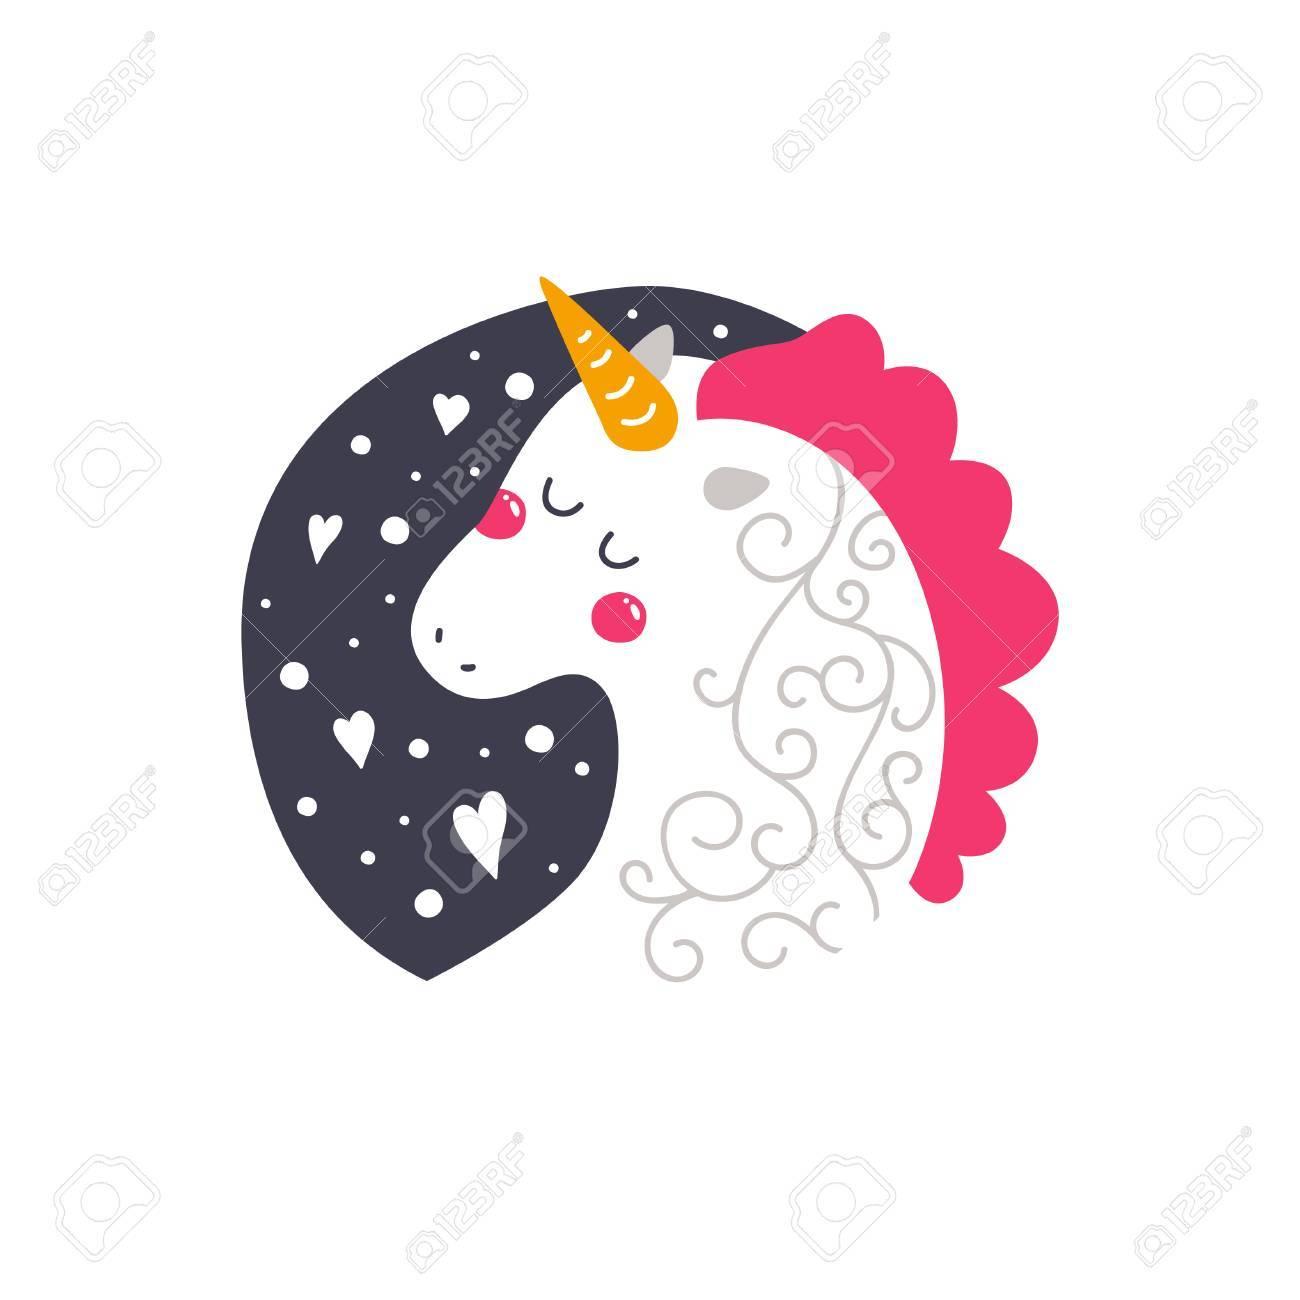 Vector Bebé Unicornio Ilustración Infantil Para Las Impresiones De Diseño Tarjetas E Invitaciones De Cumpleaños Tarjeta De La Muchacha Con